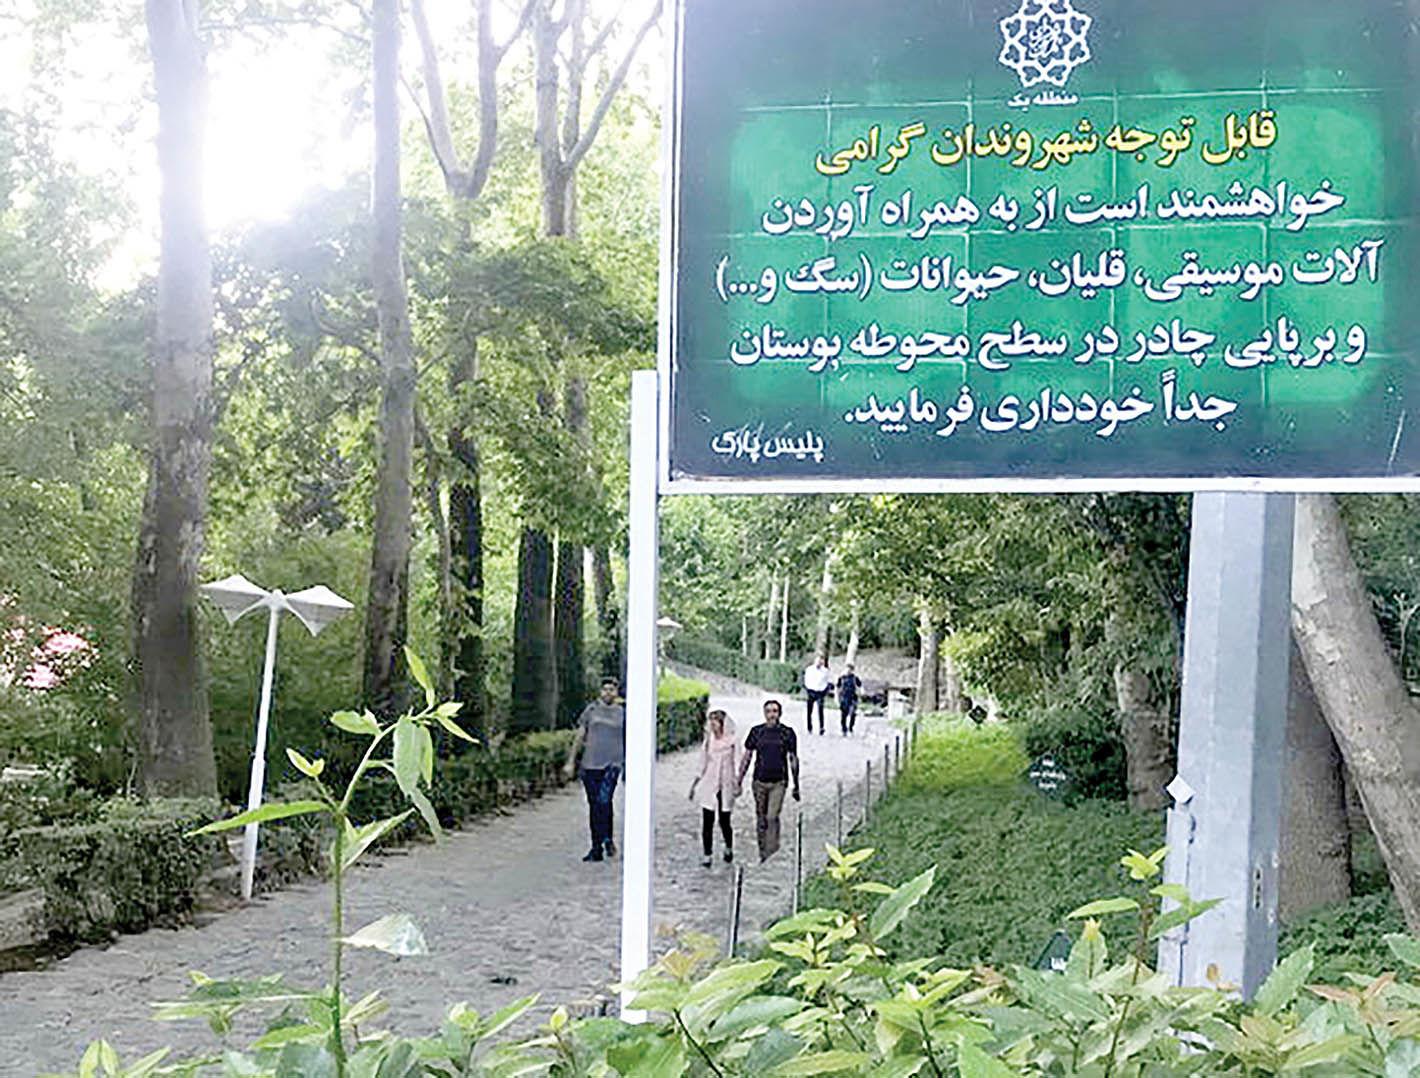 واکنش نوربخش به نصب تابلو «ورود ساز ممنوع» در پارکها